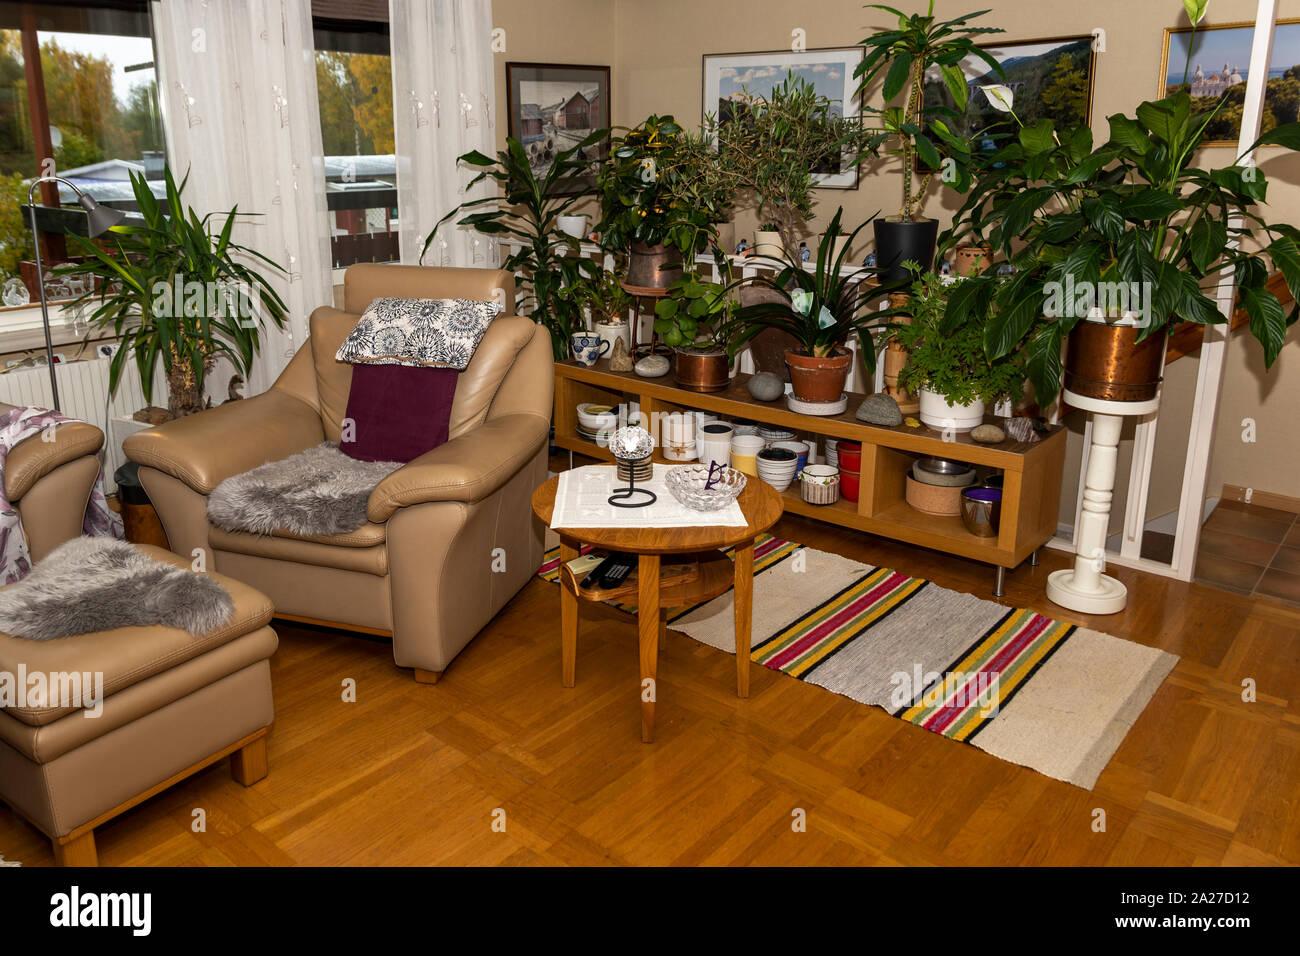 Habitación con un montón de flores y plantas verdes, imagen desde el norte de Suecia. Foto de stock